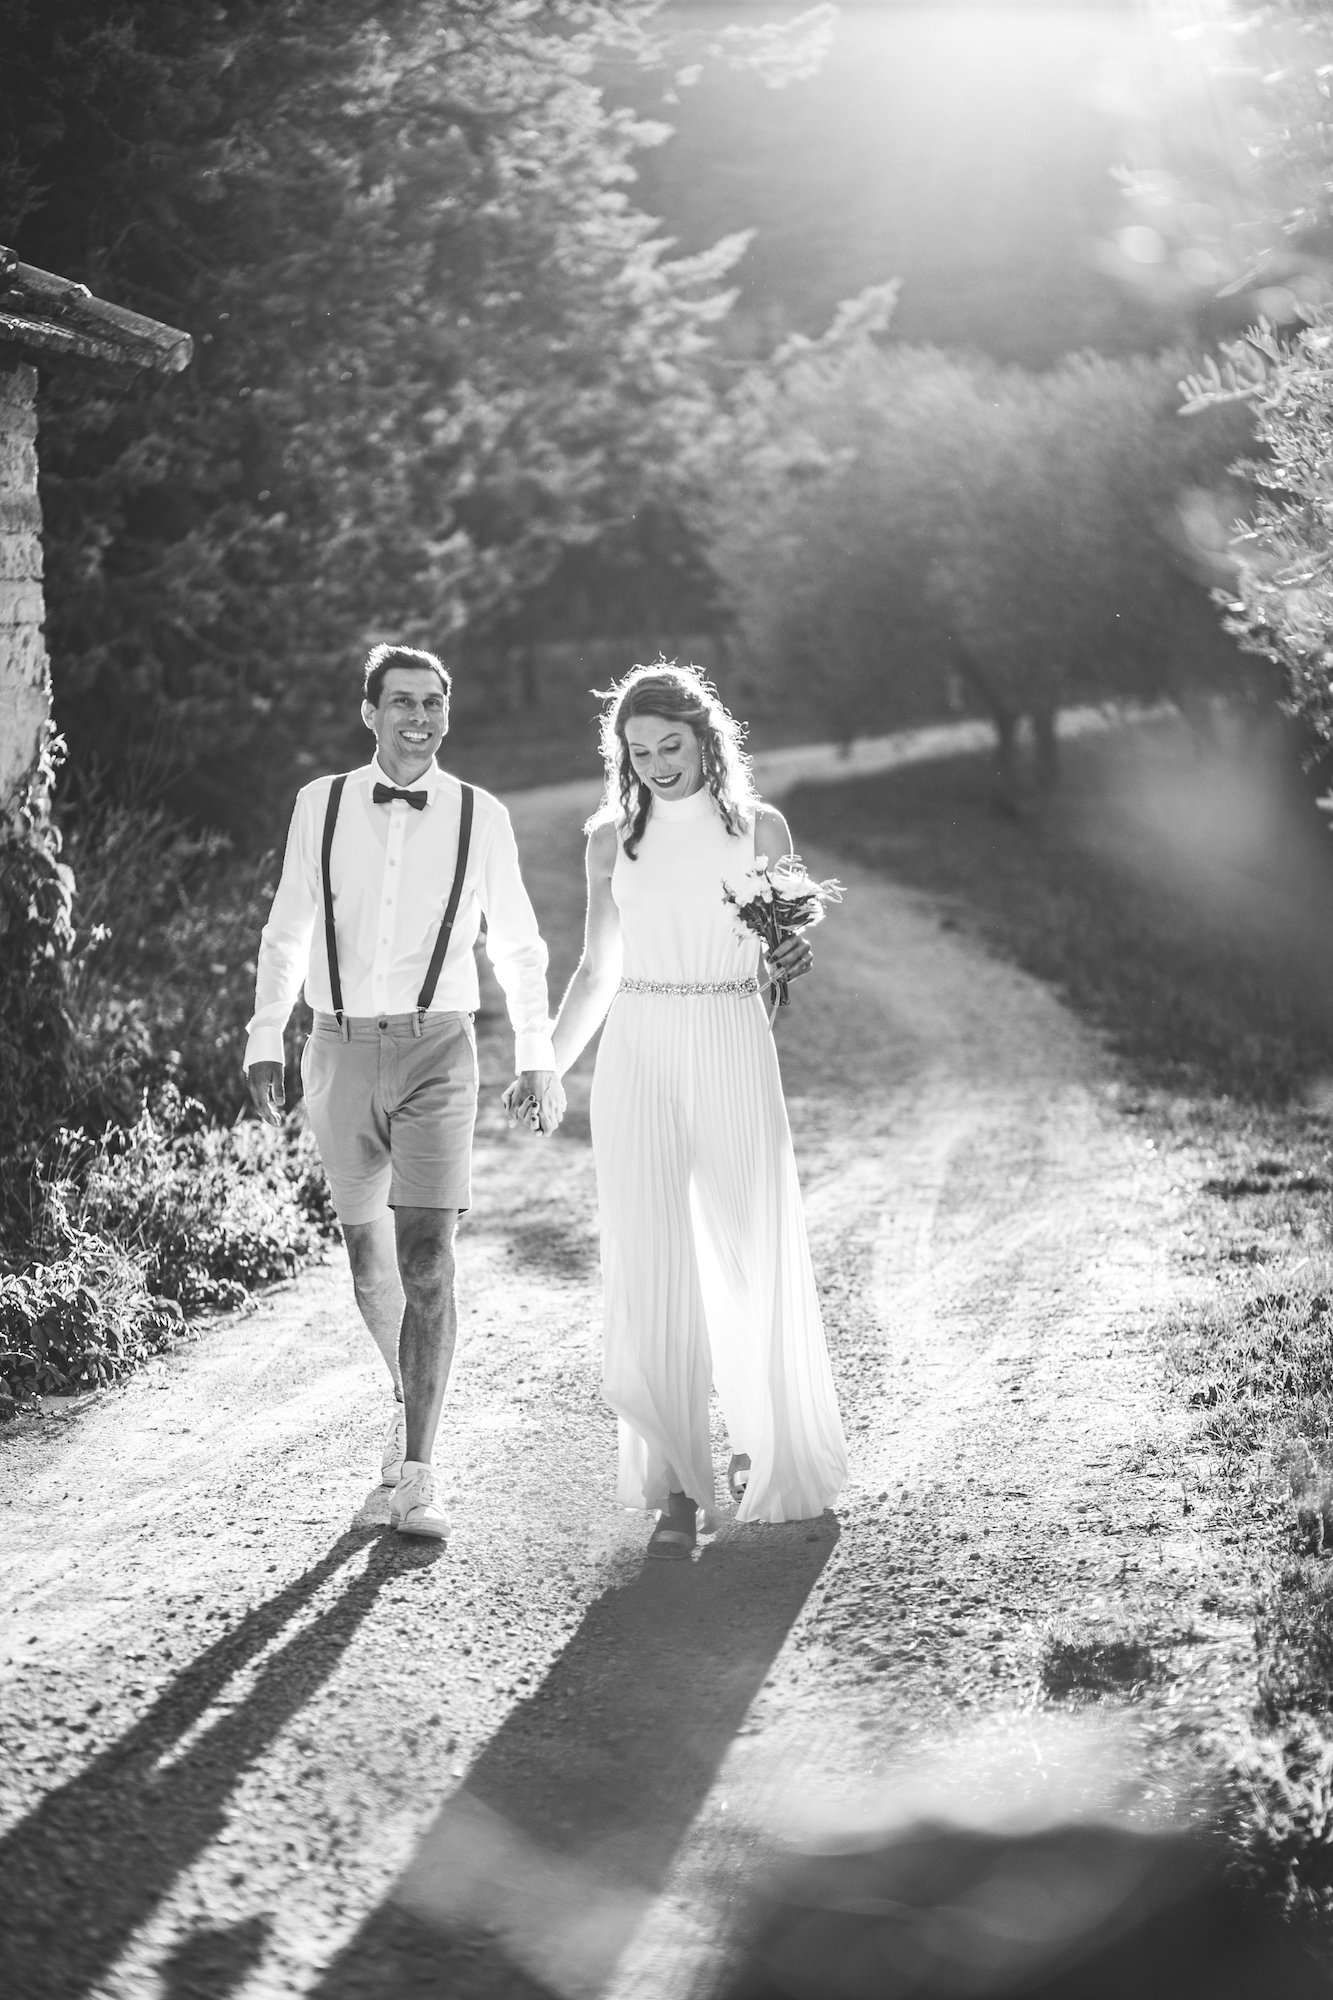 le coeur dans les etoiles - wedding planner - gard - provence - mariage provence - L&C - sebastien cabanes - couple